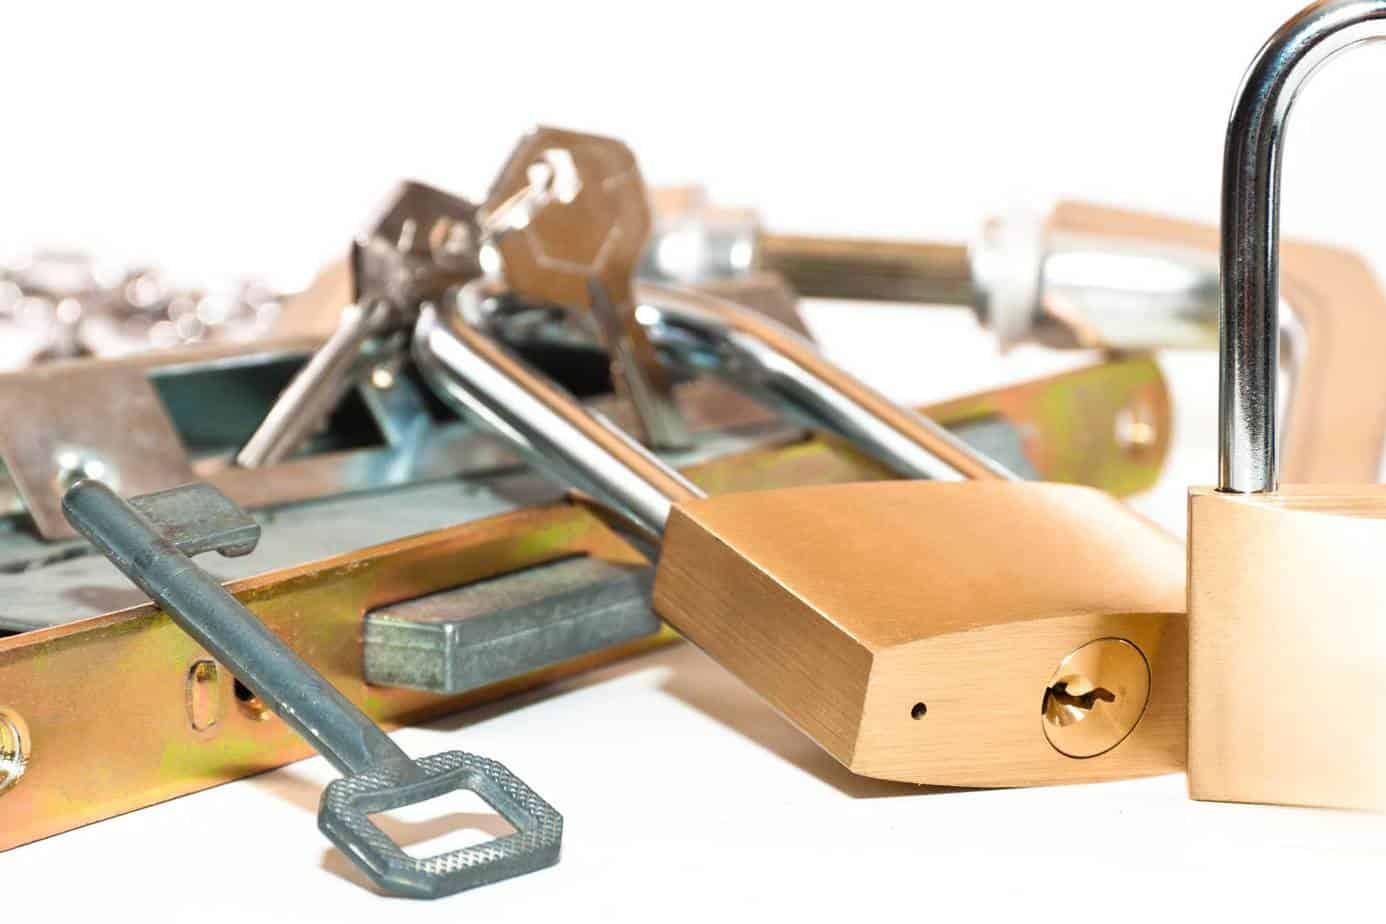 sleutel kwijt